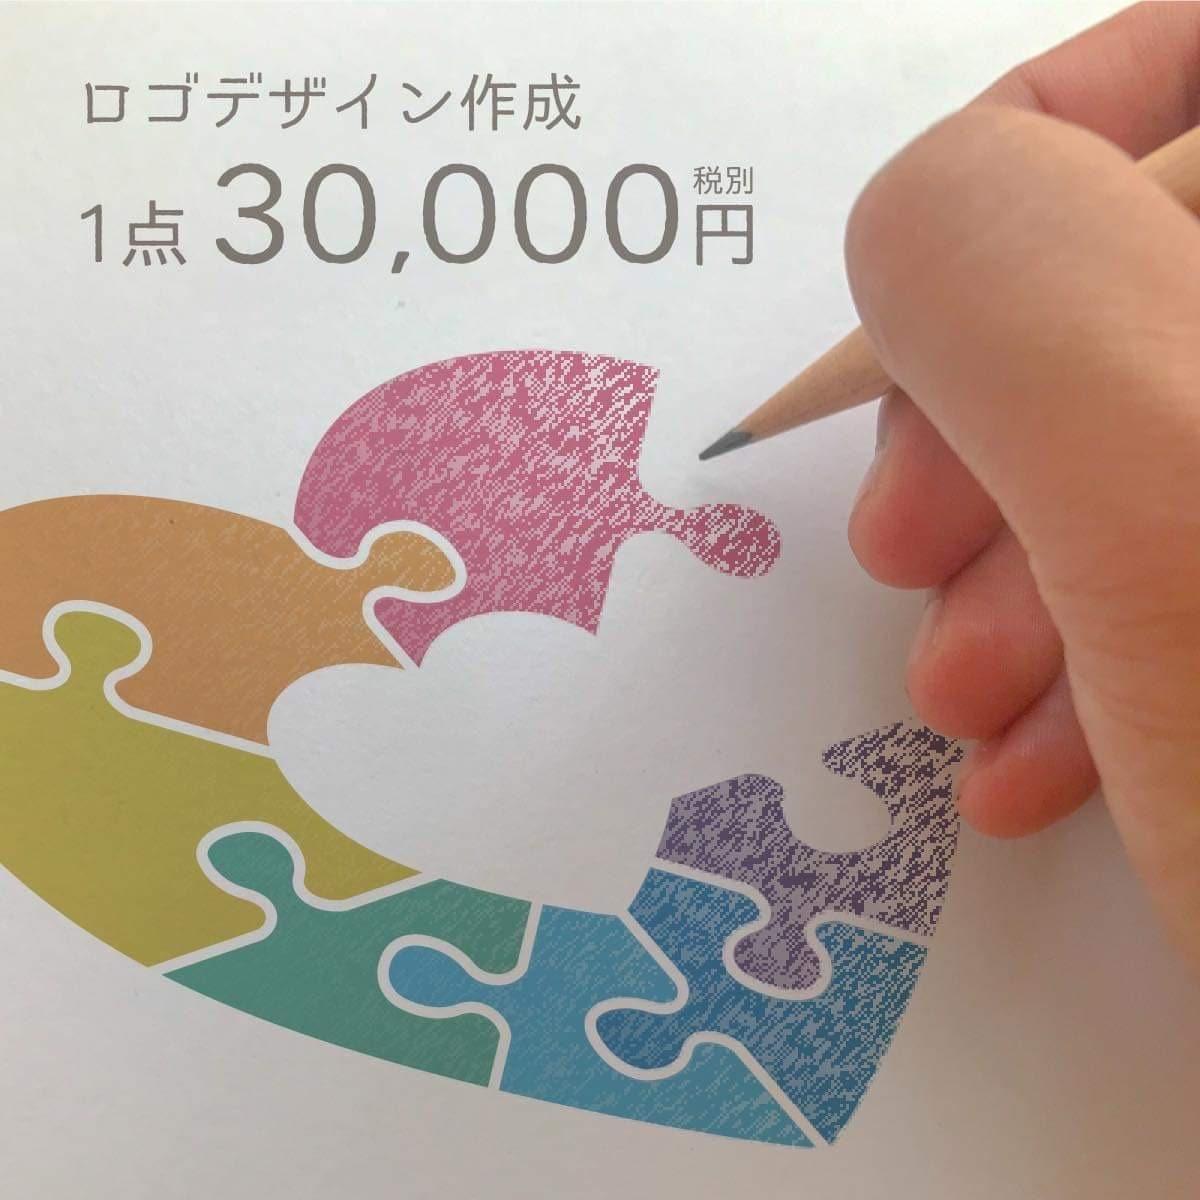 ロゴデザイン作成のイメージその1